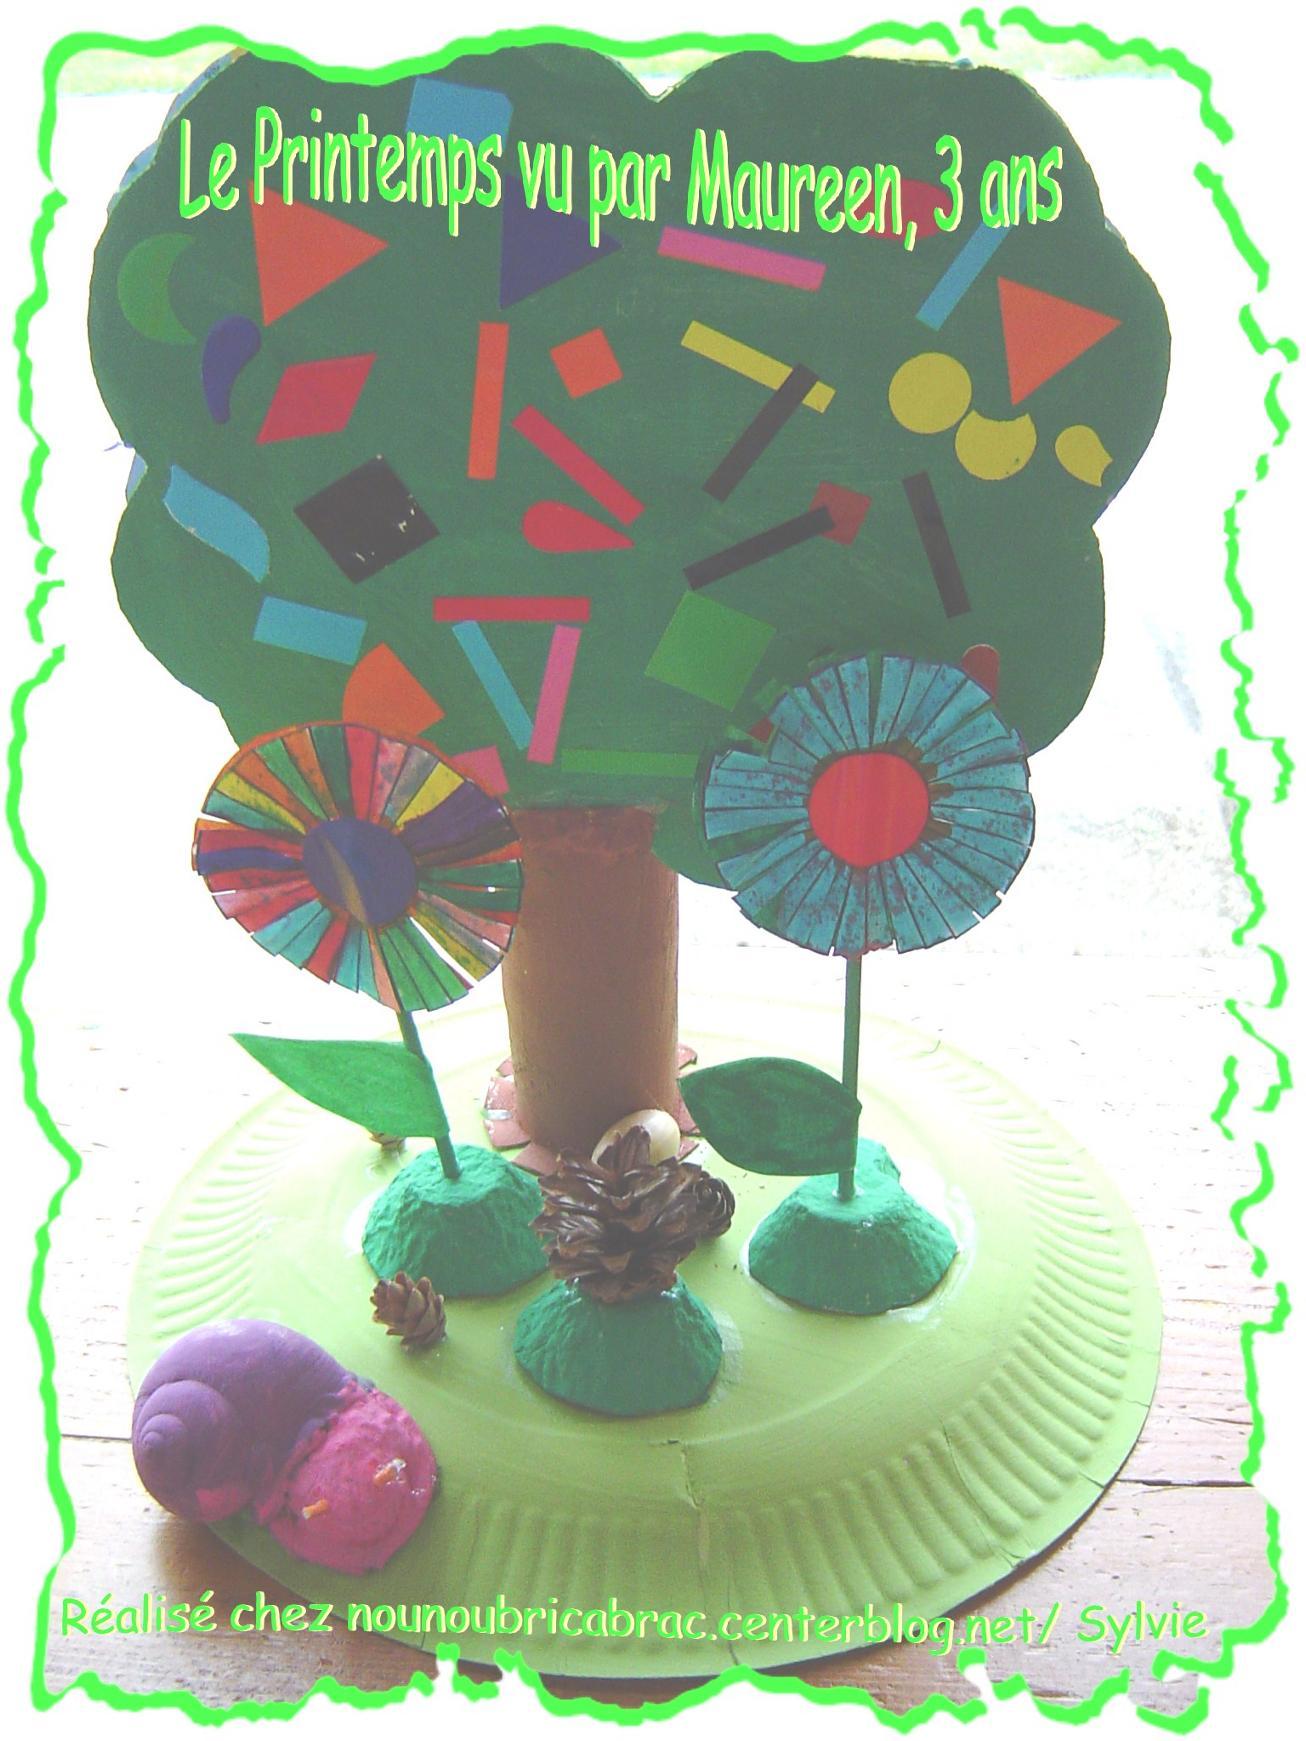 Petit Décor Printanier... réalisé par Maureen, 3 ans